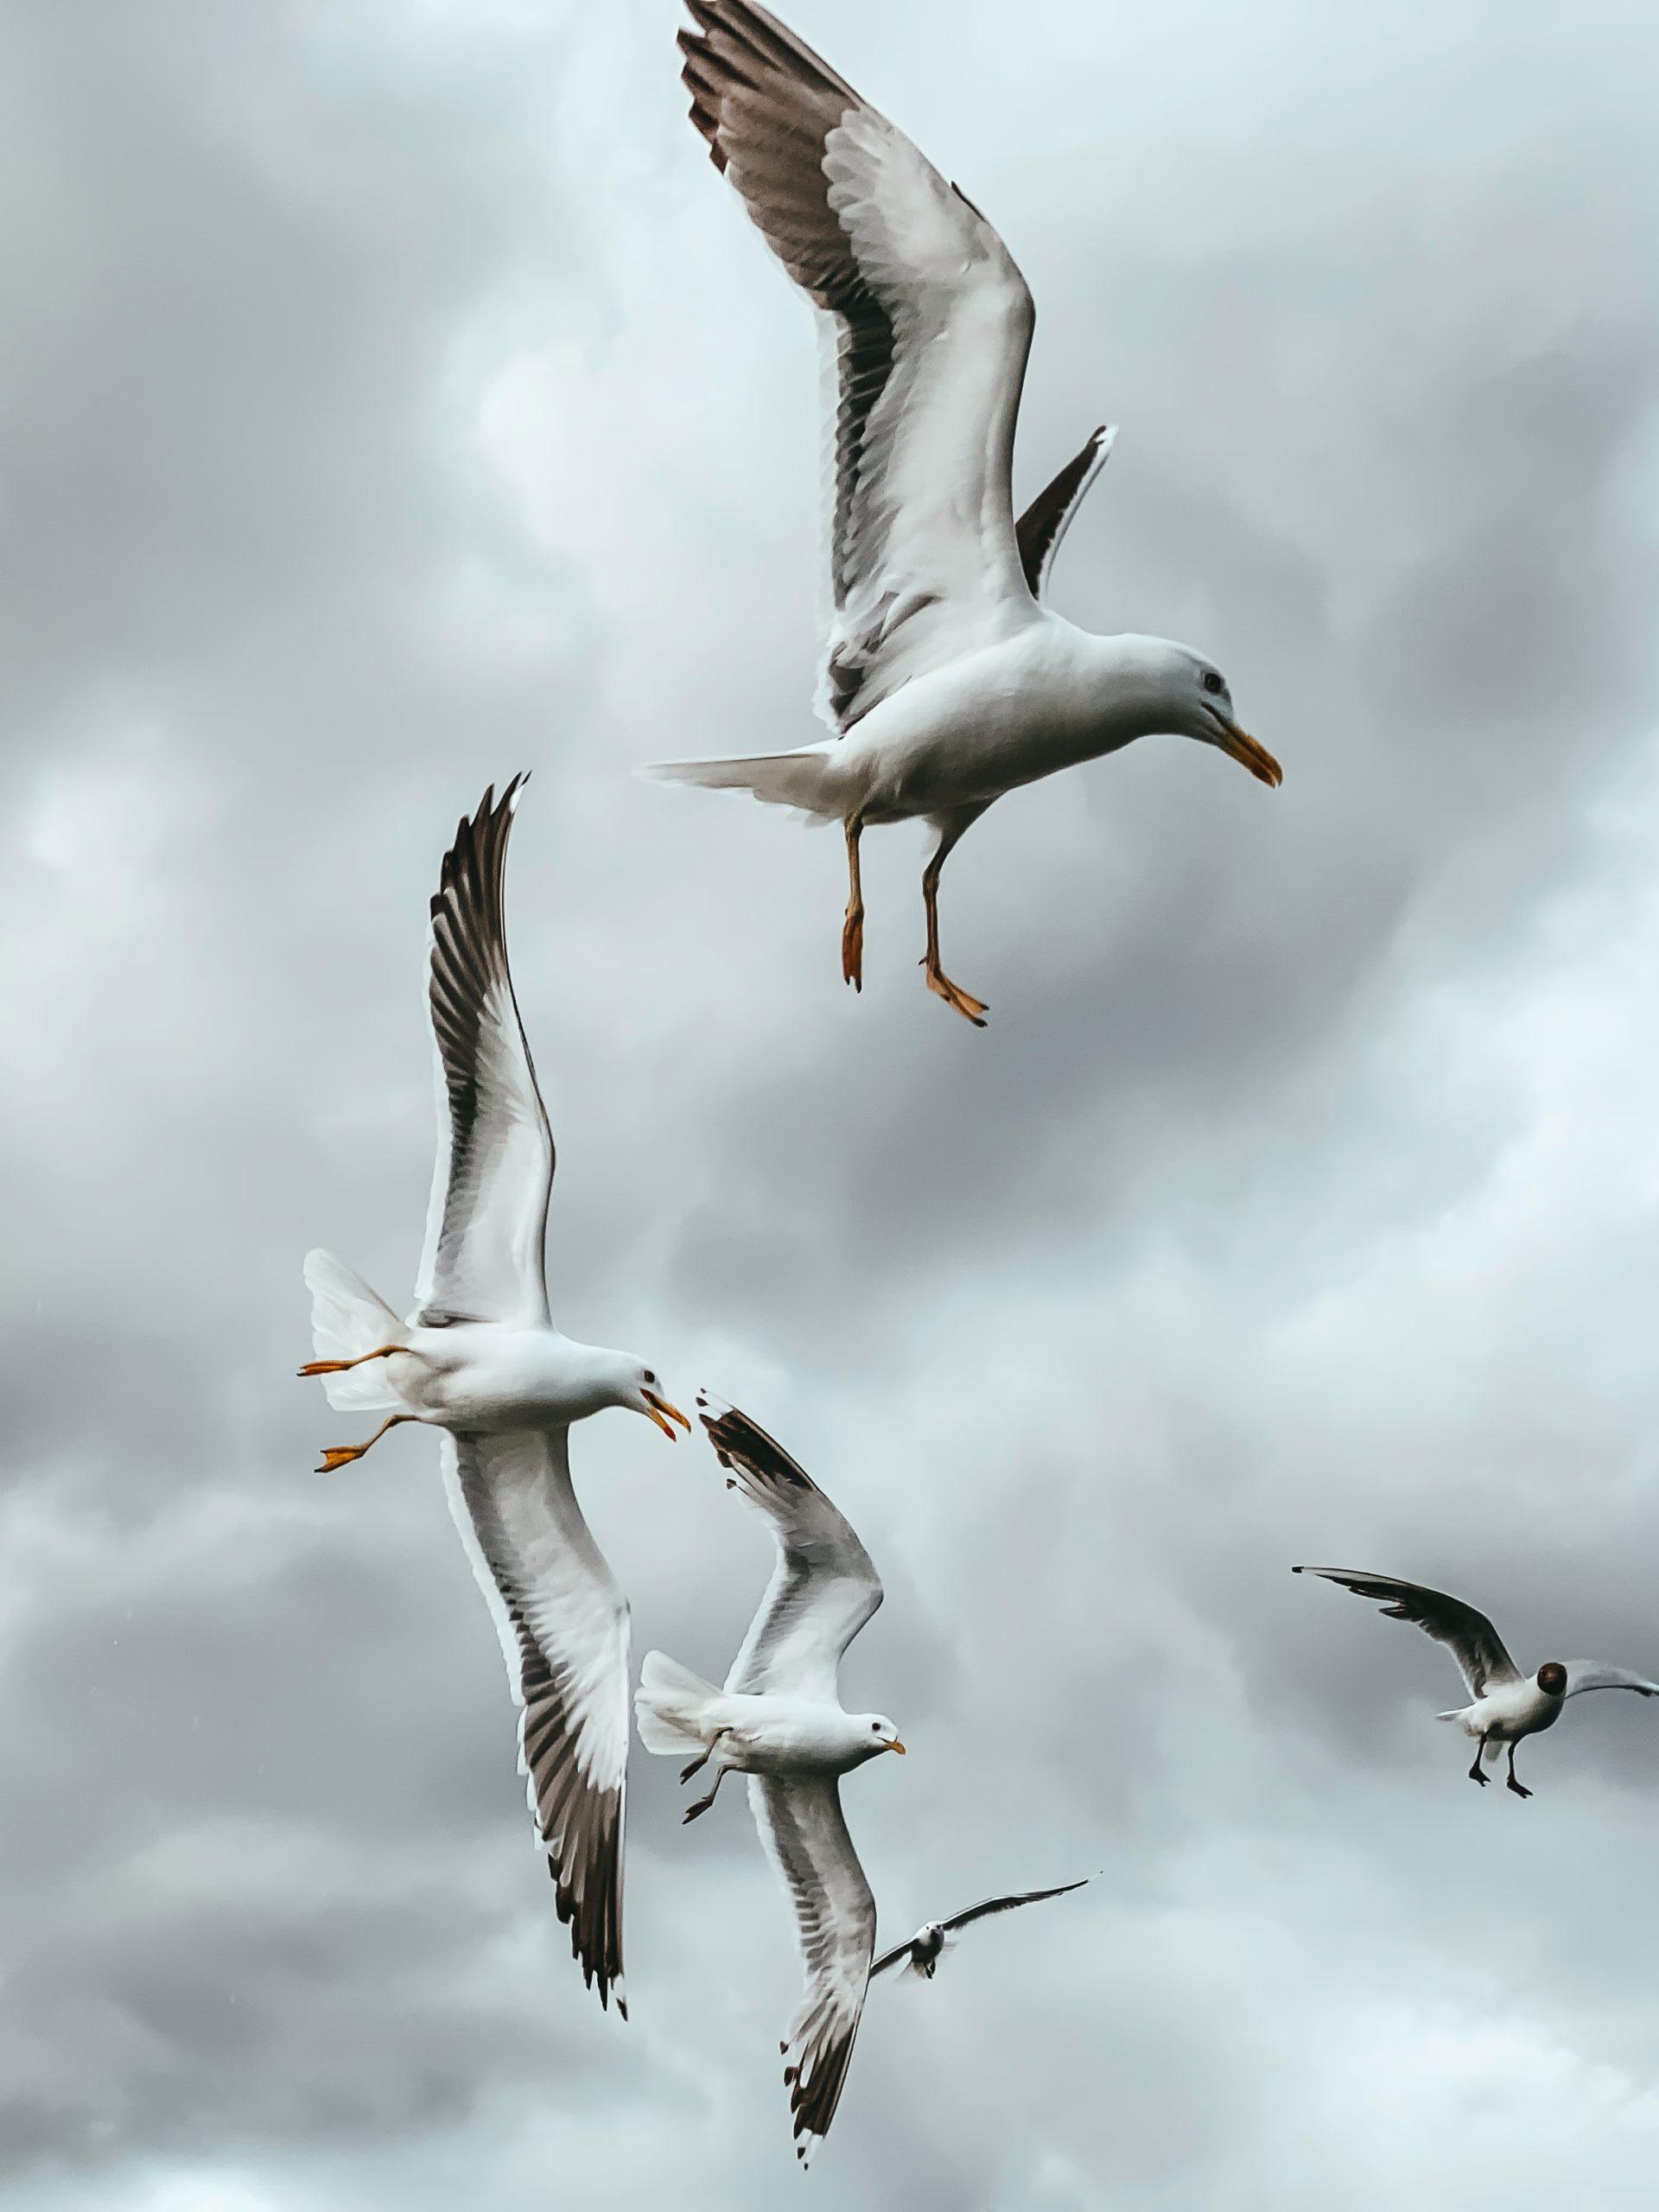 sea gulls flying